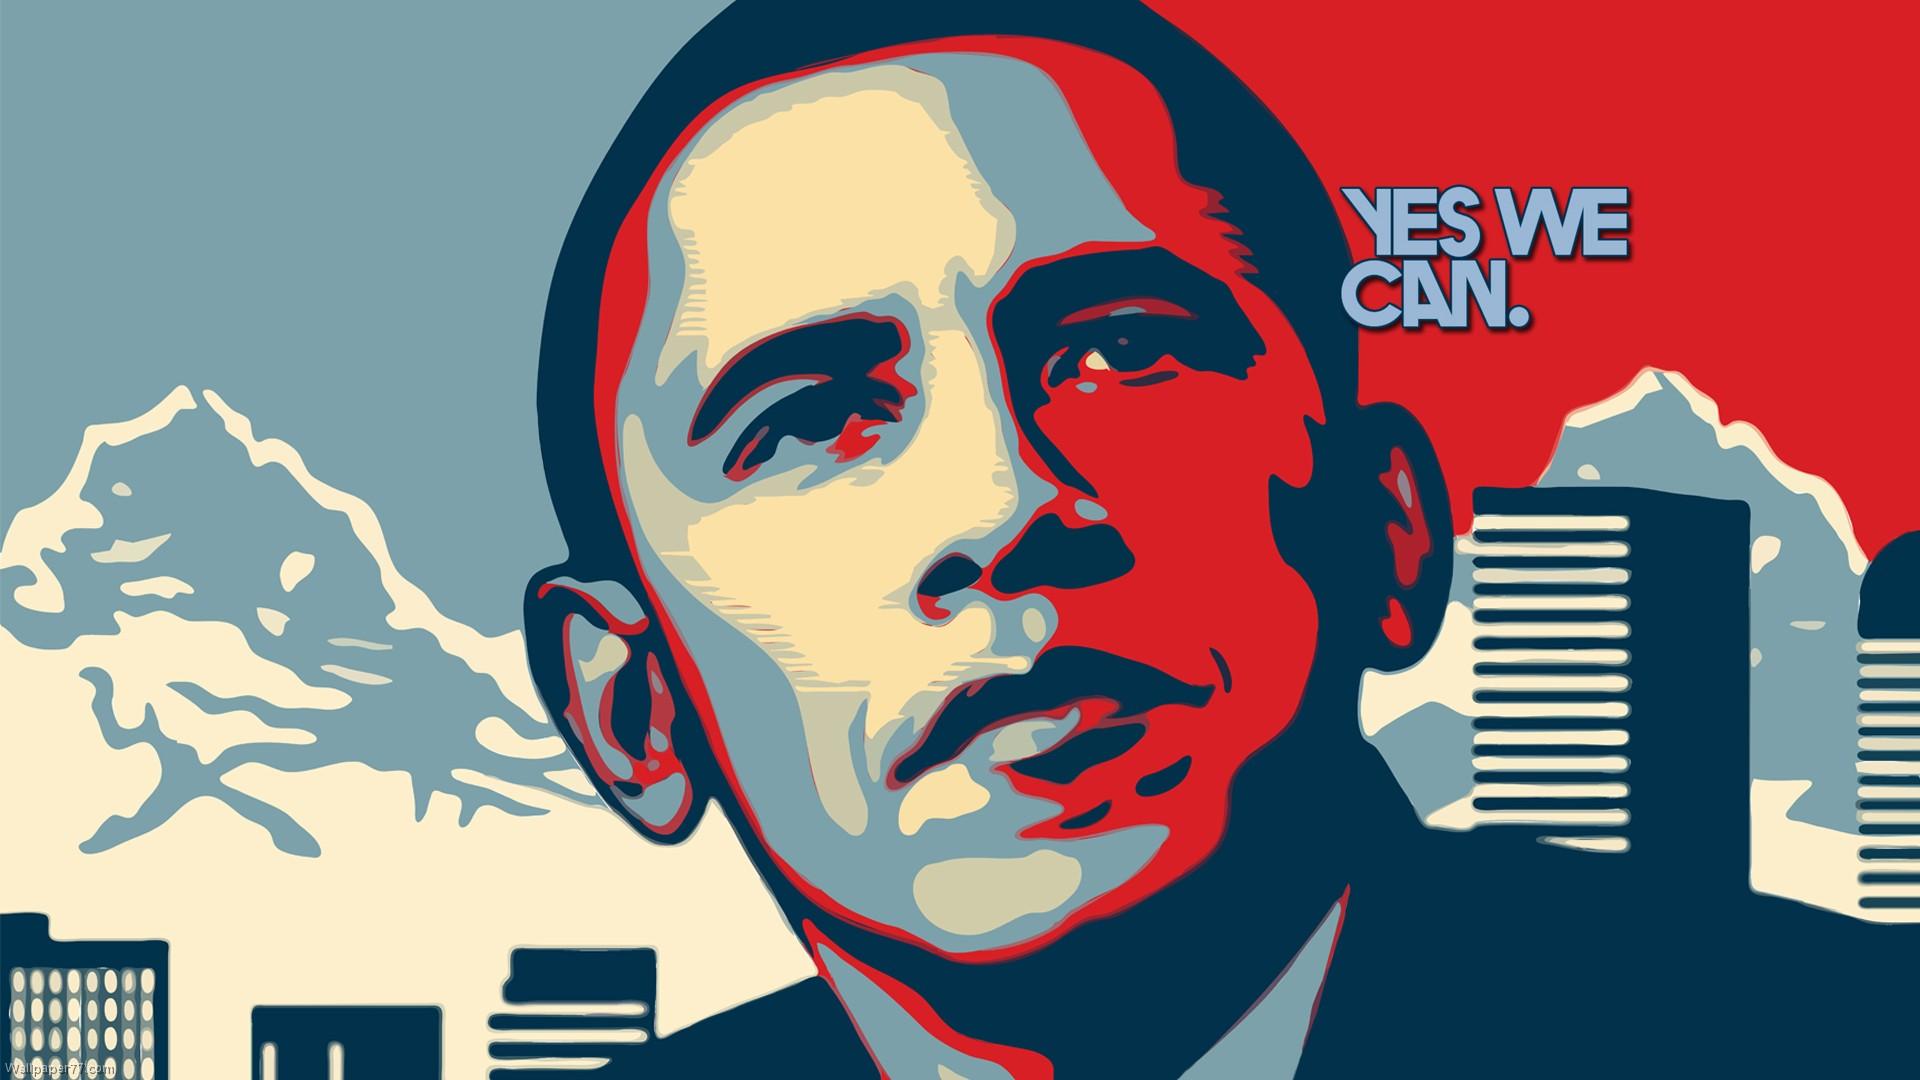 سيِّد أوباما إِعتَرِف بدولة فلسطين